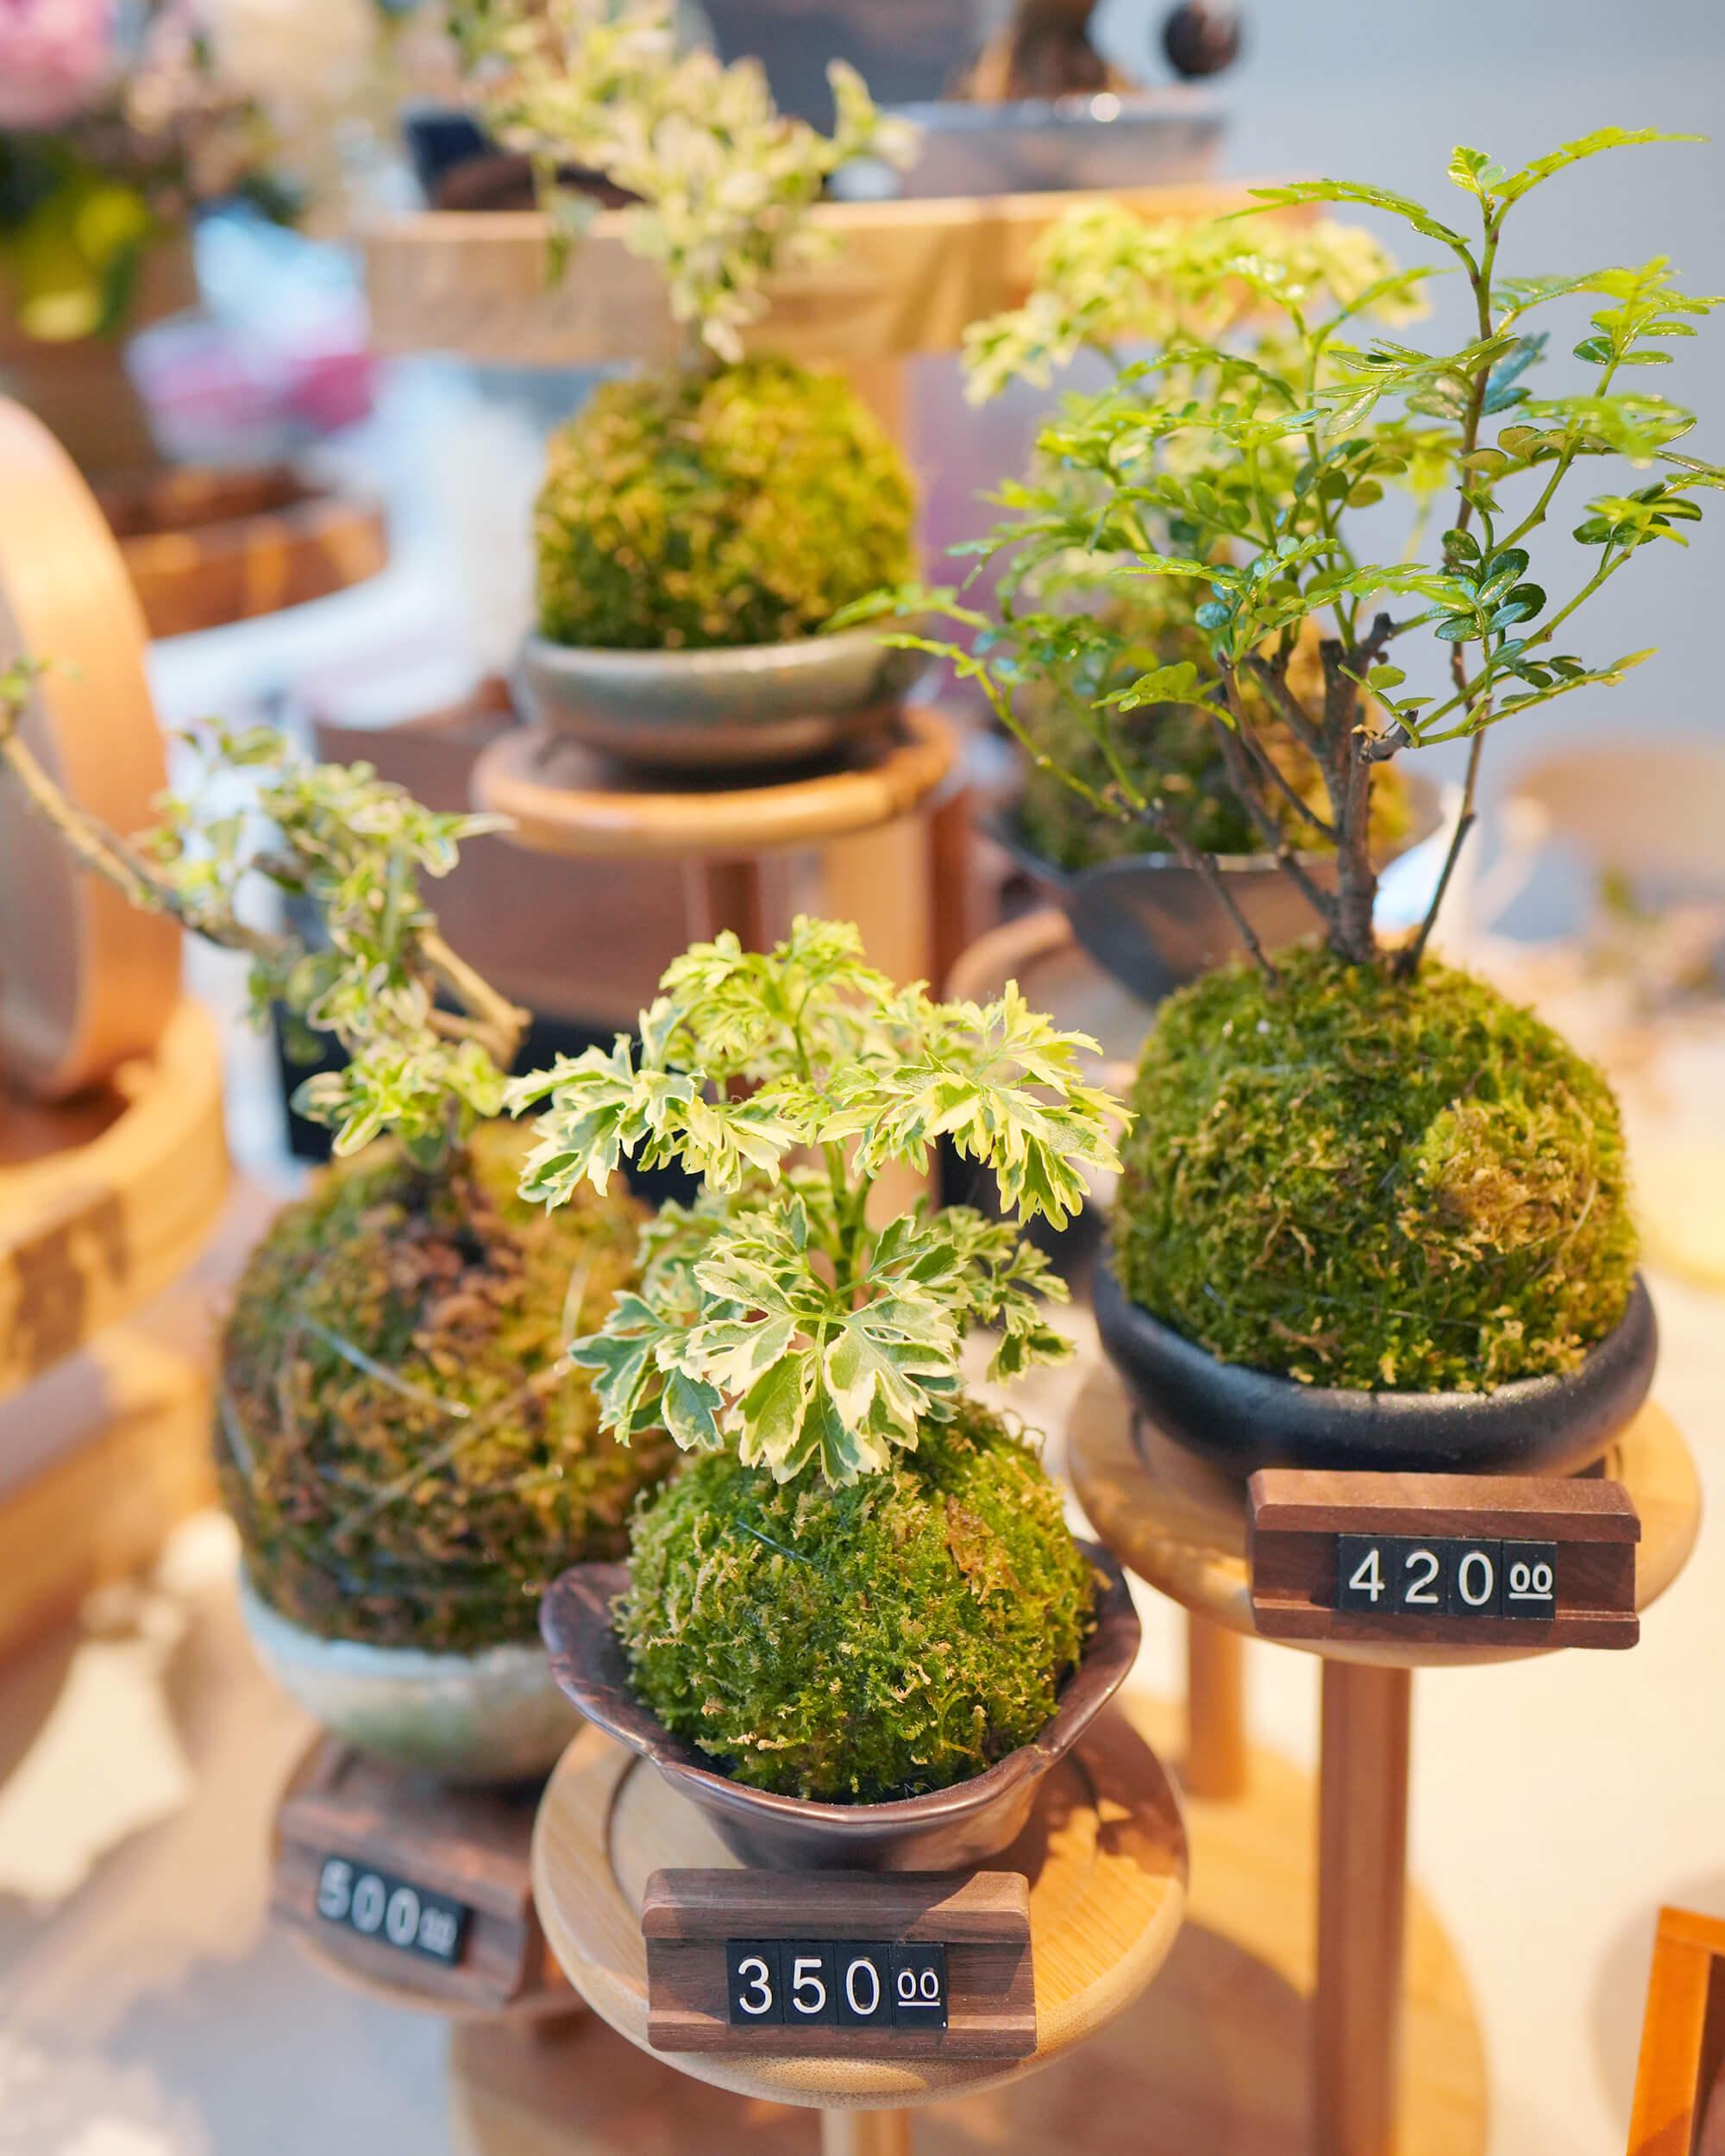 店子賣各式各樣盆栽植物,當中唔少品種都幾少見。